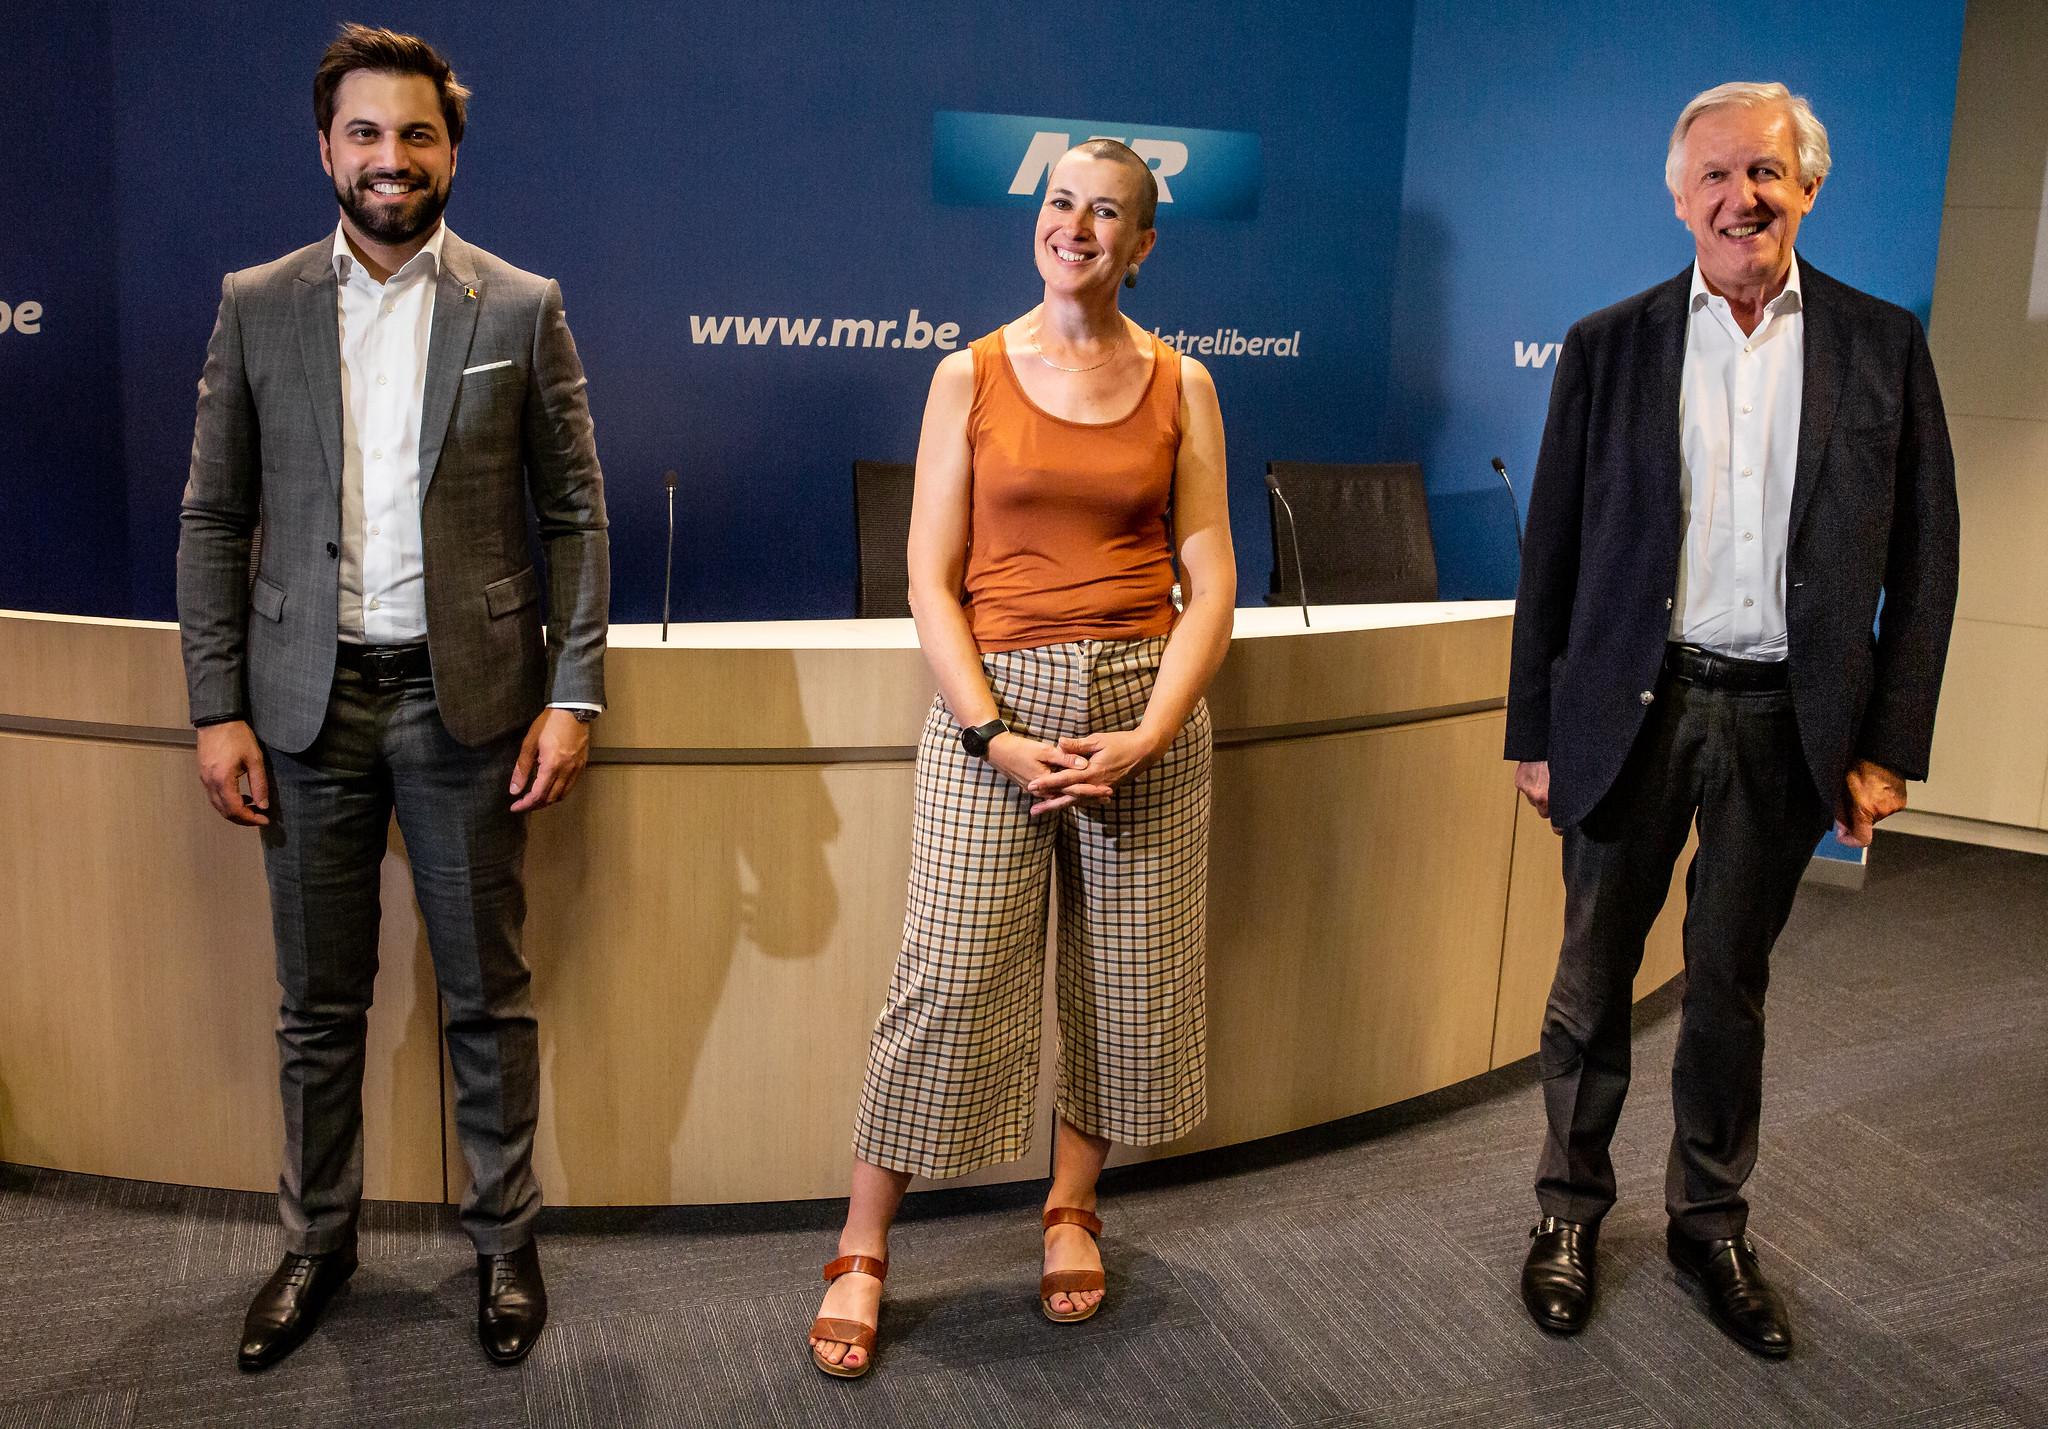 Nadia Geerts rejoint le Centre Jean Gol pour poursuivre son combat pour la neutralité de l'Etat